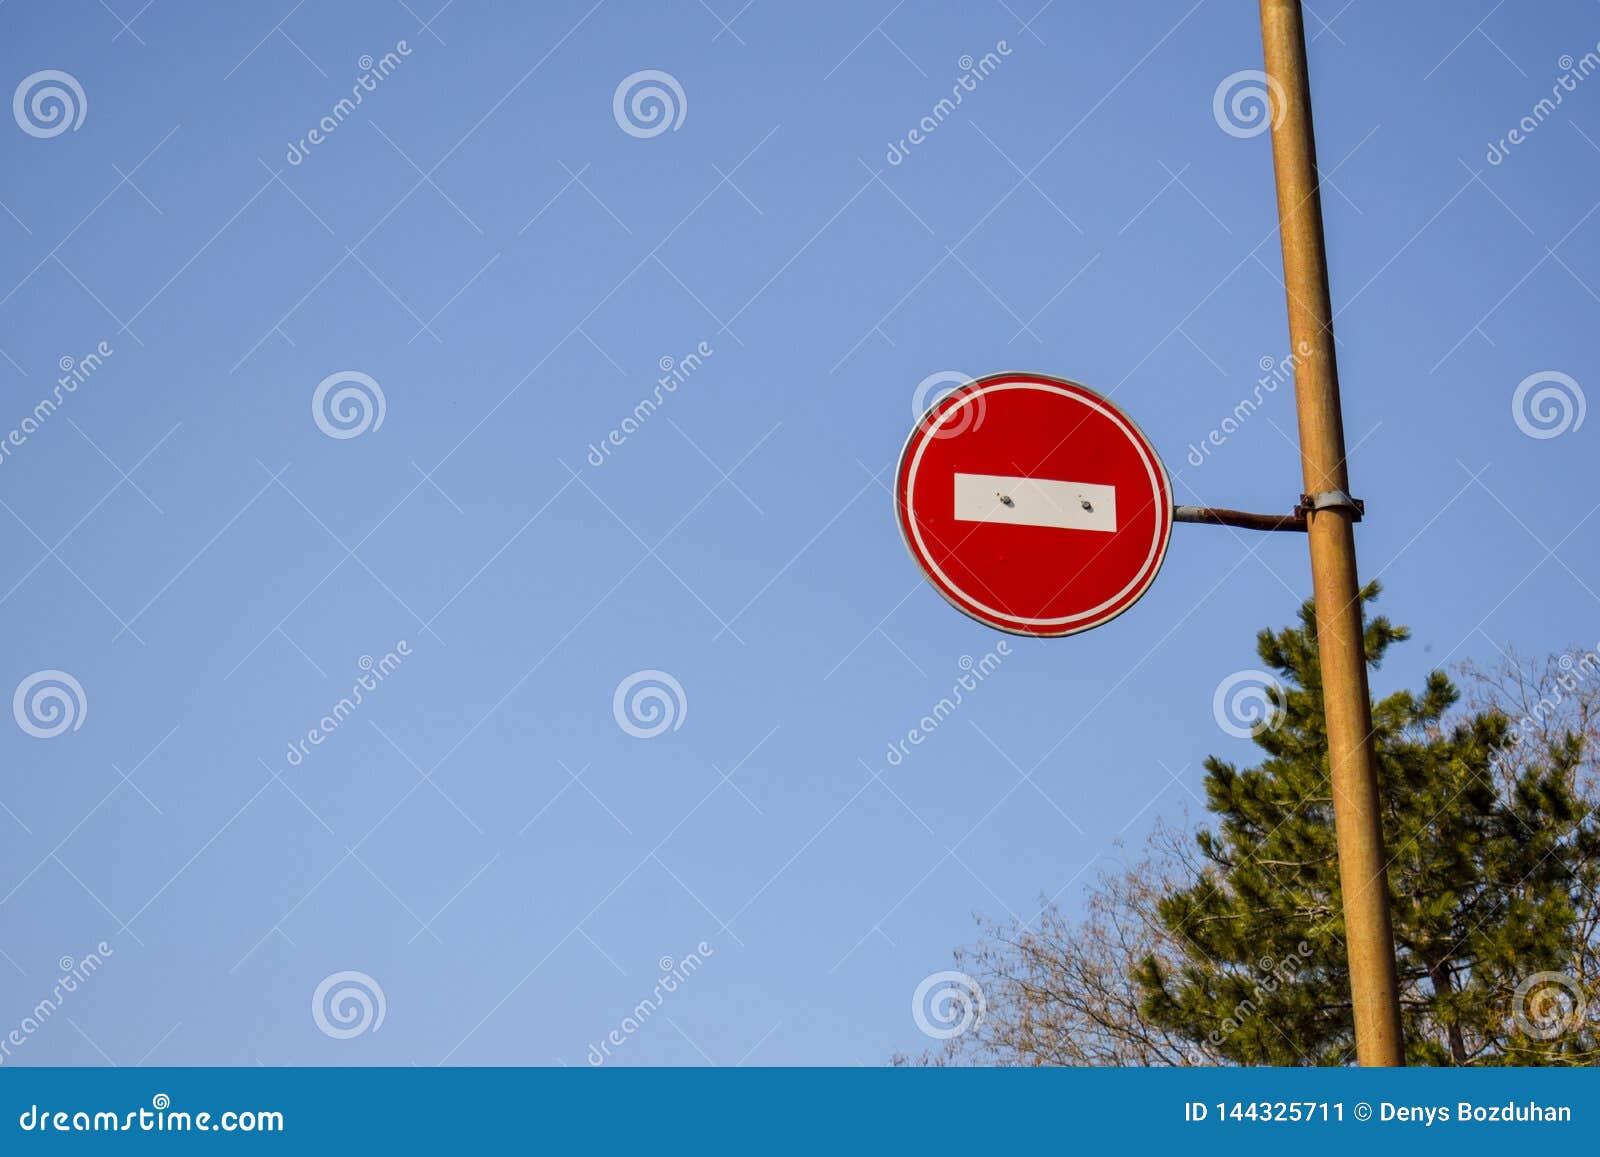 Señal de tráfico ninguna entrada contra el cielo azul y los árboles